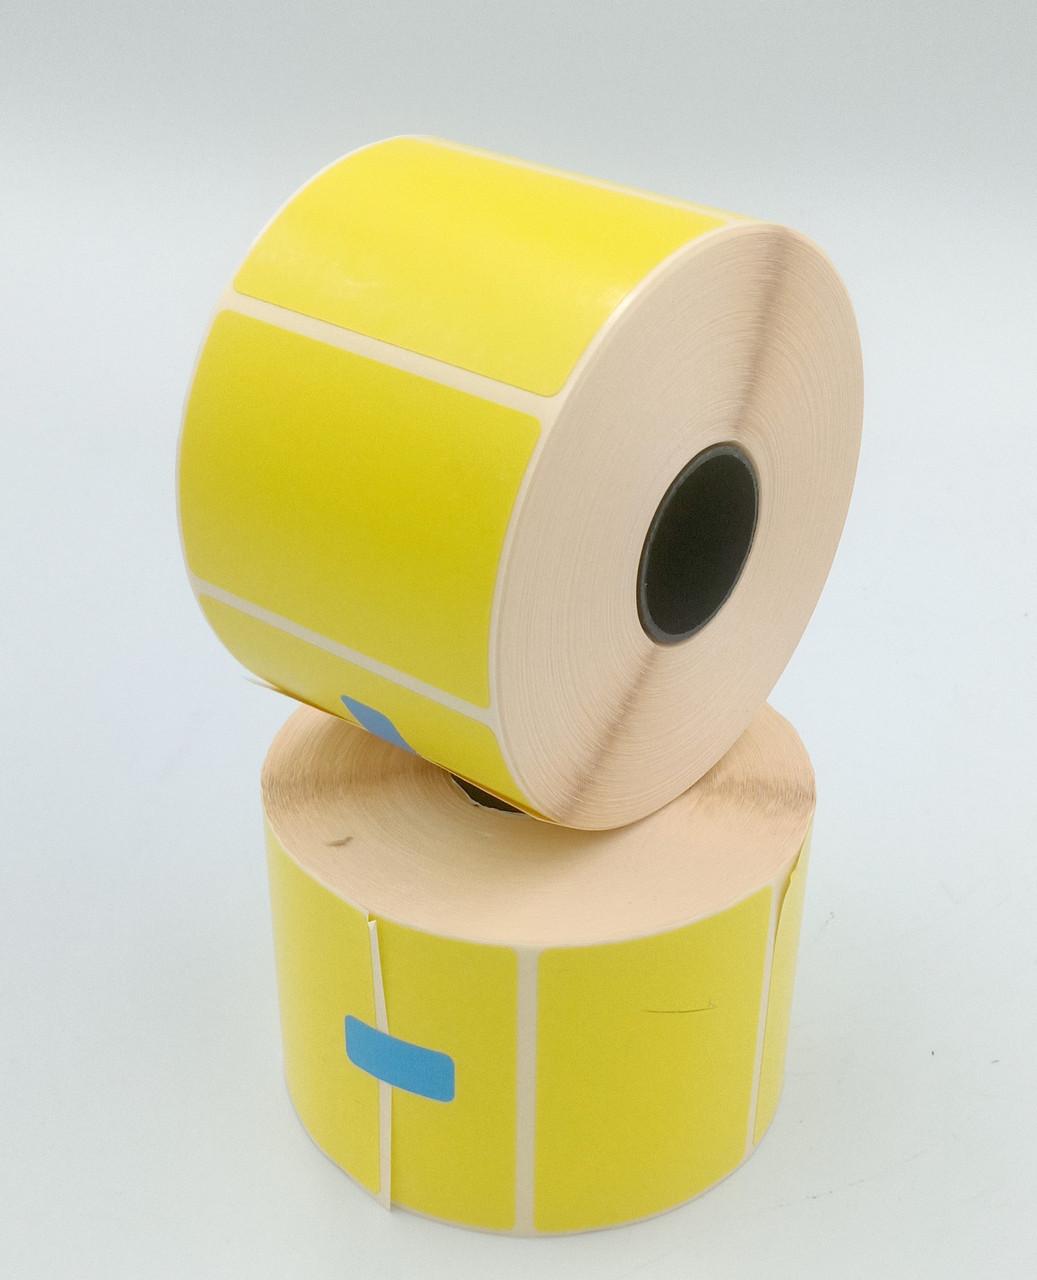 Mobitehnika Термоетикетка для ваг, етикеточних принтерів Т.Еко пантон жовта 58*40 1000шт